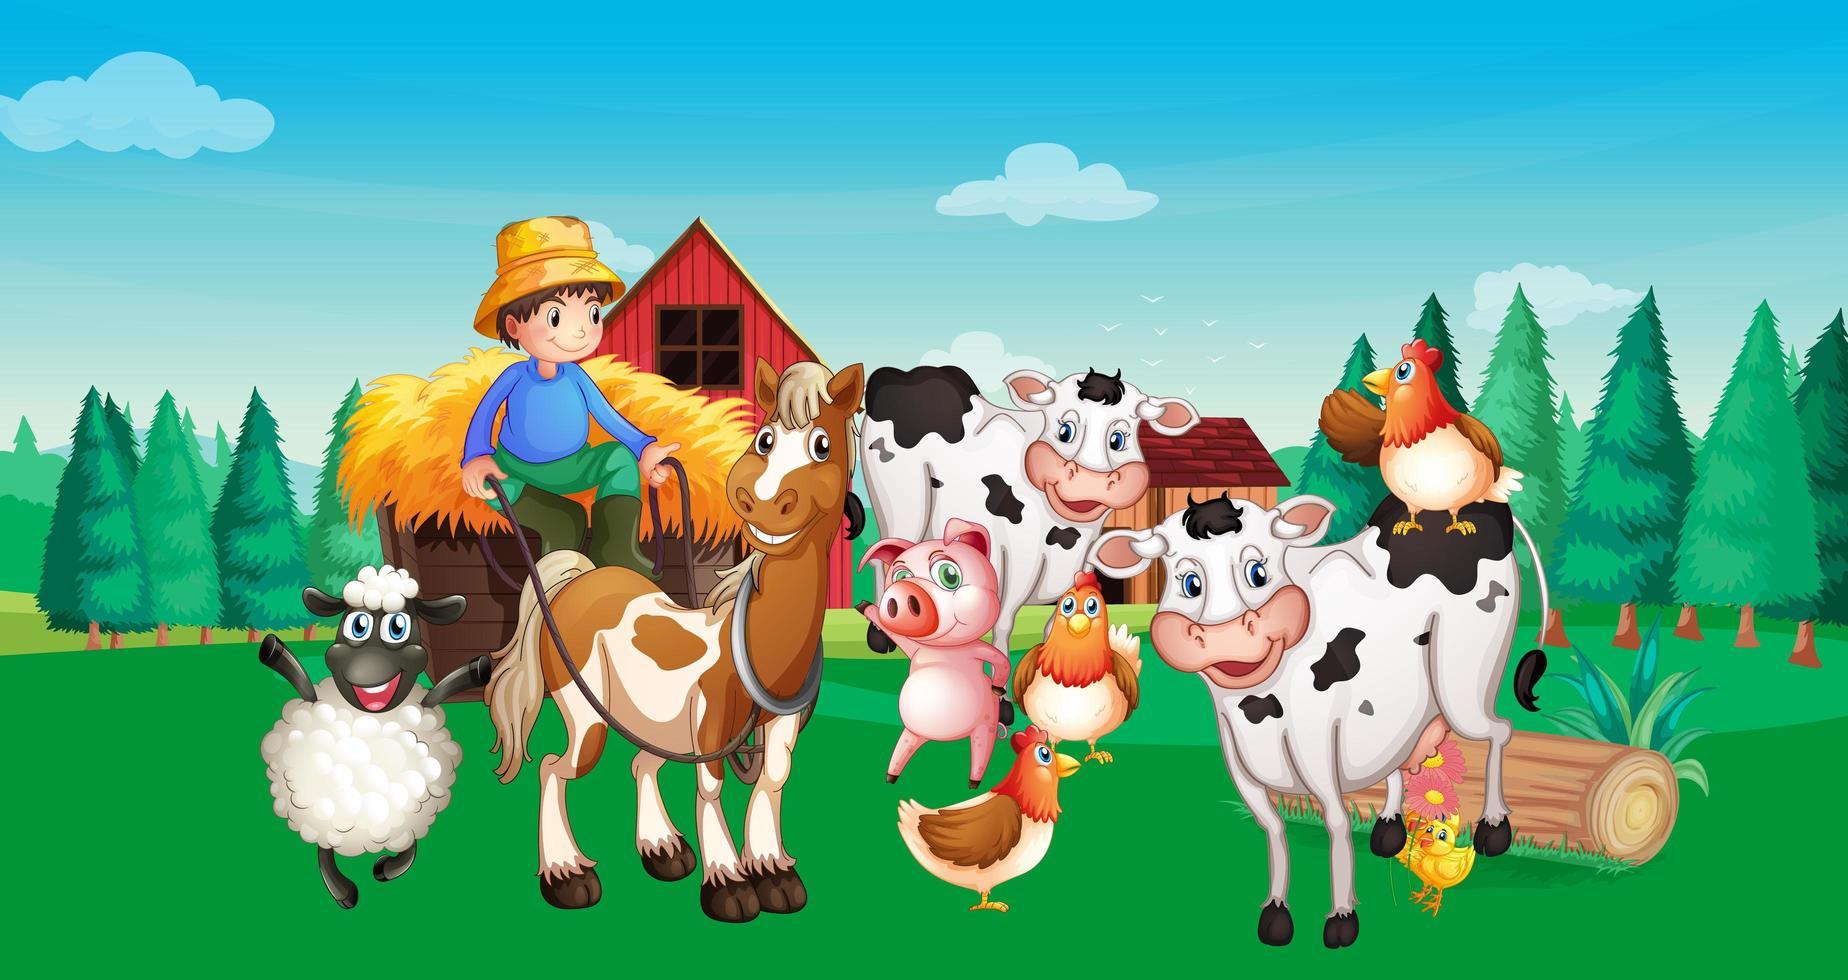 escena de la granja con animales de granja. vector